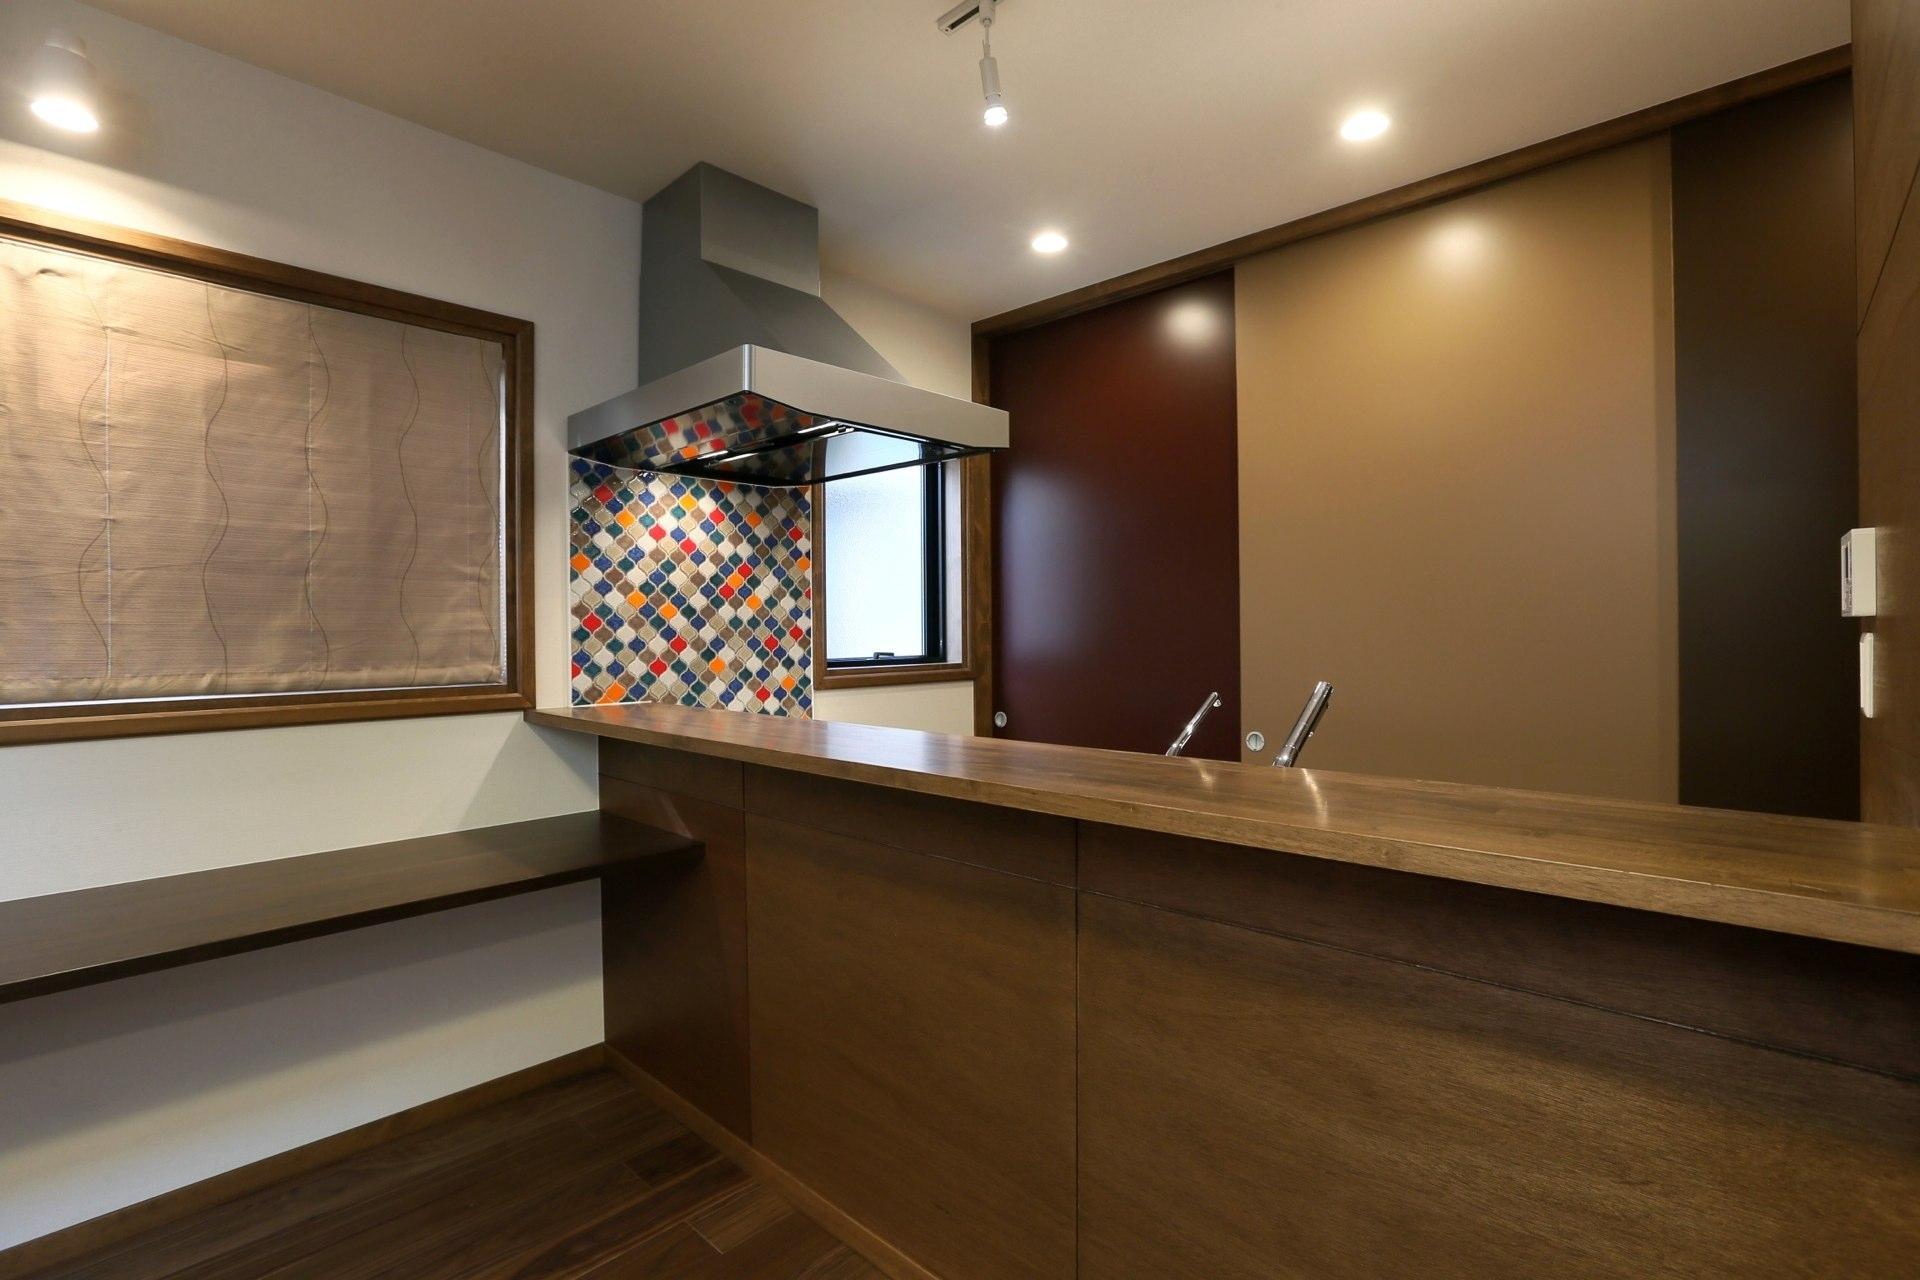 K's residenceの部屋 オリエンタルなキッチン